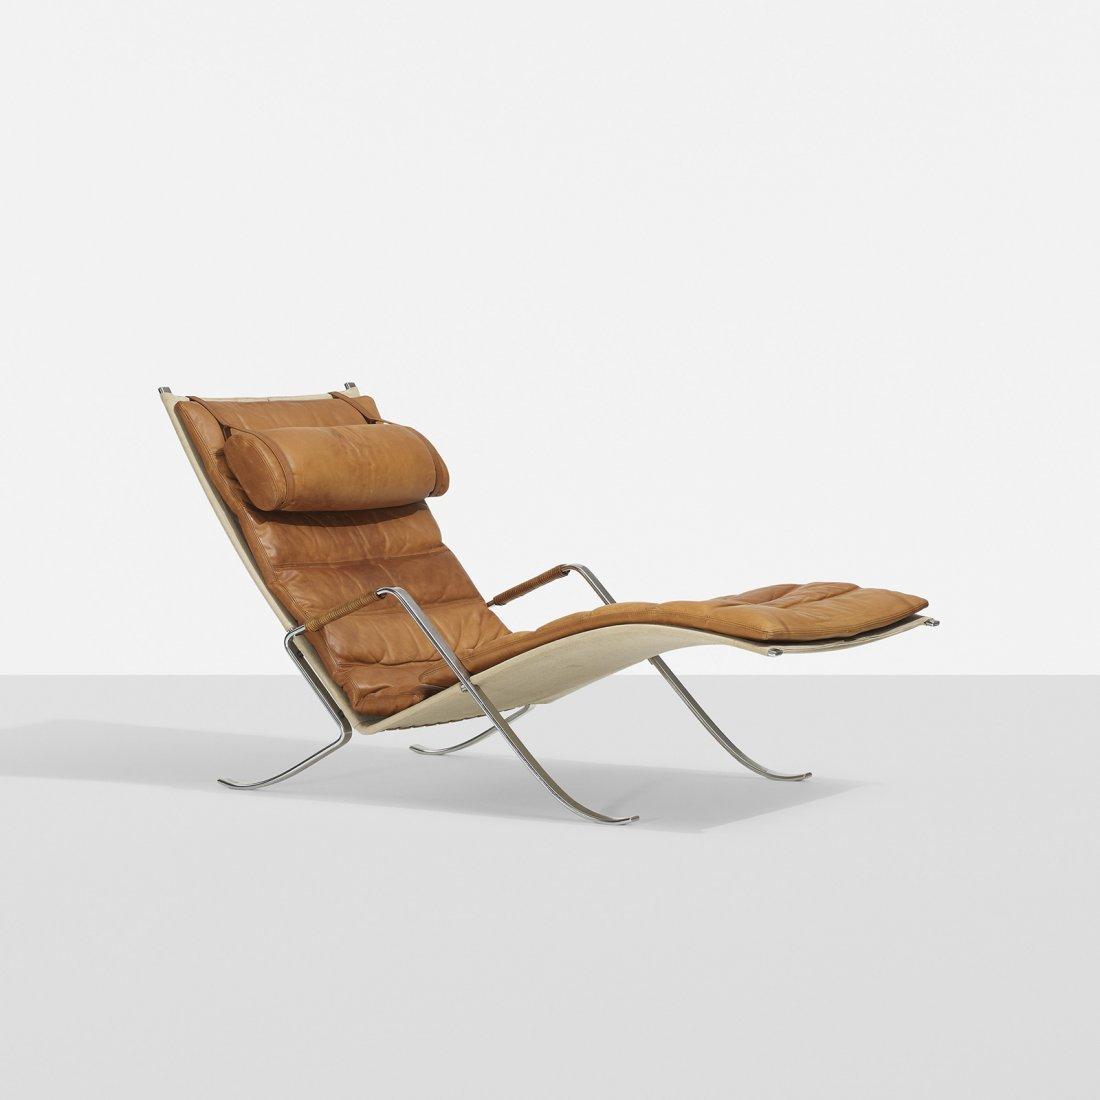 Preben Fabricius & Jorgen Kastholm Grasshopper chaise